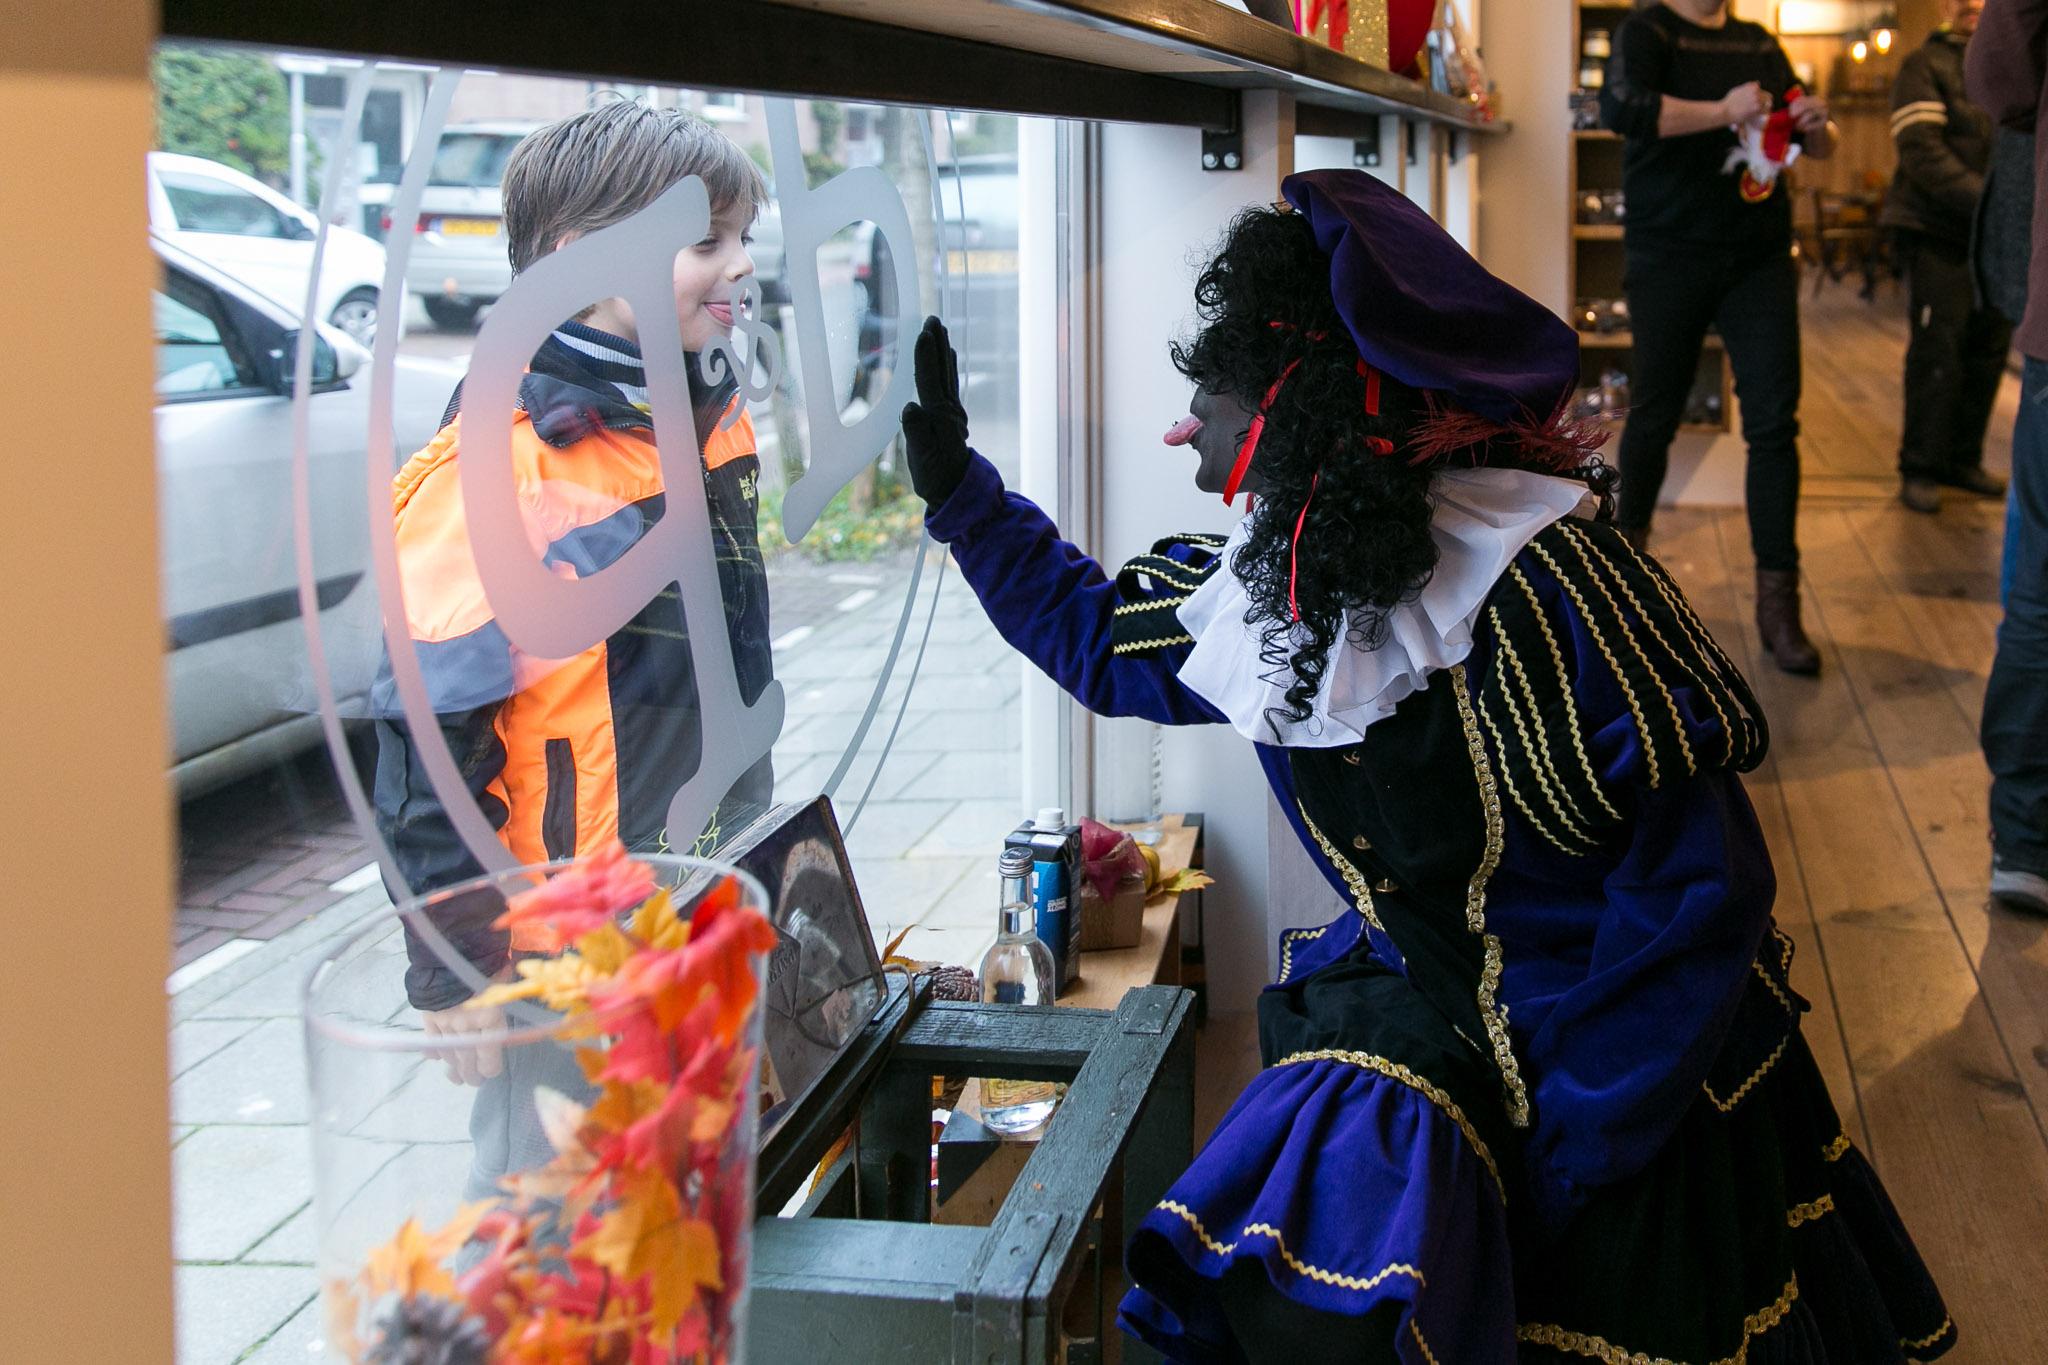 Ontmoeting met zwarte piet en jongetje bij de bakker tijdens een Day in the life fotoshoot